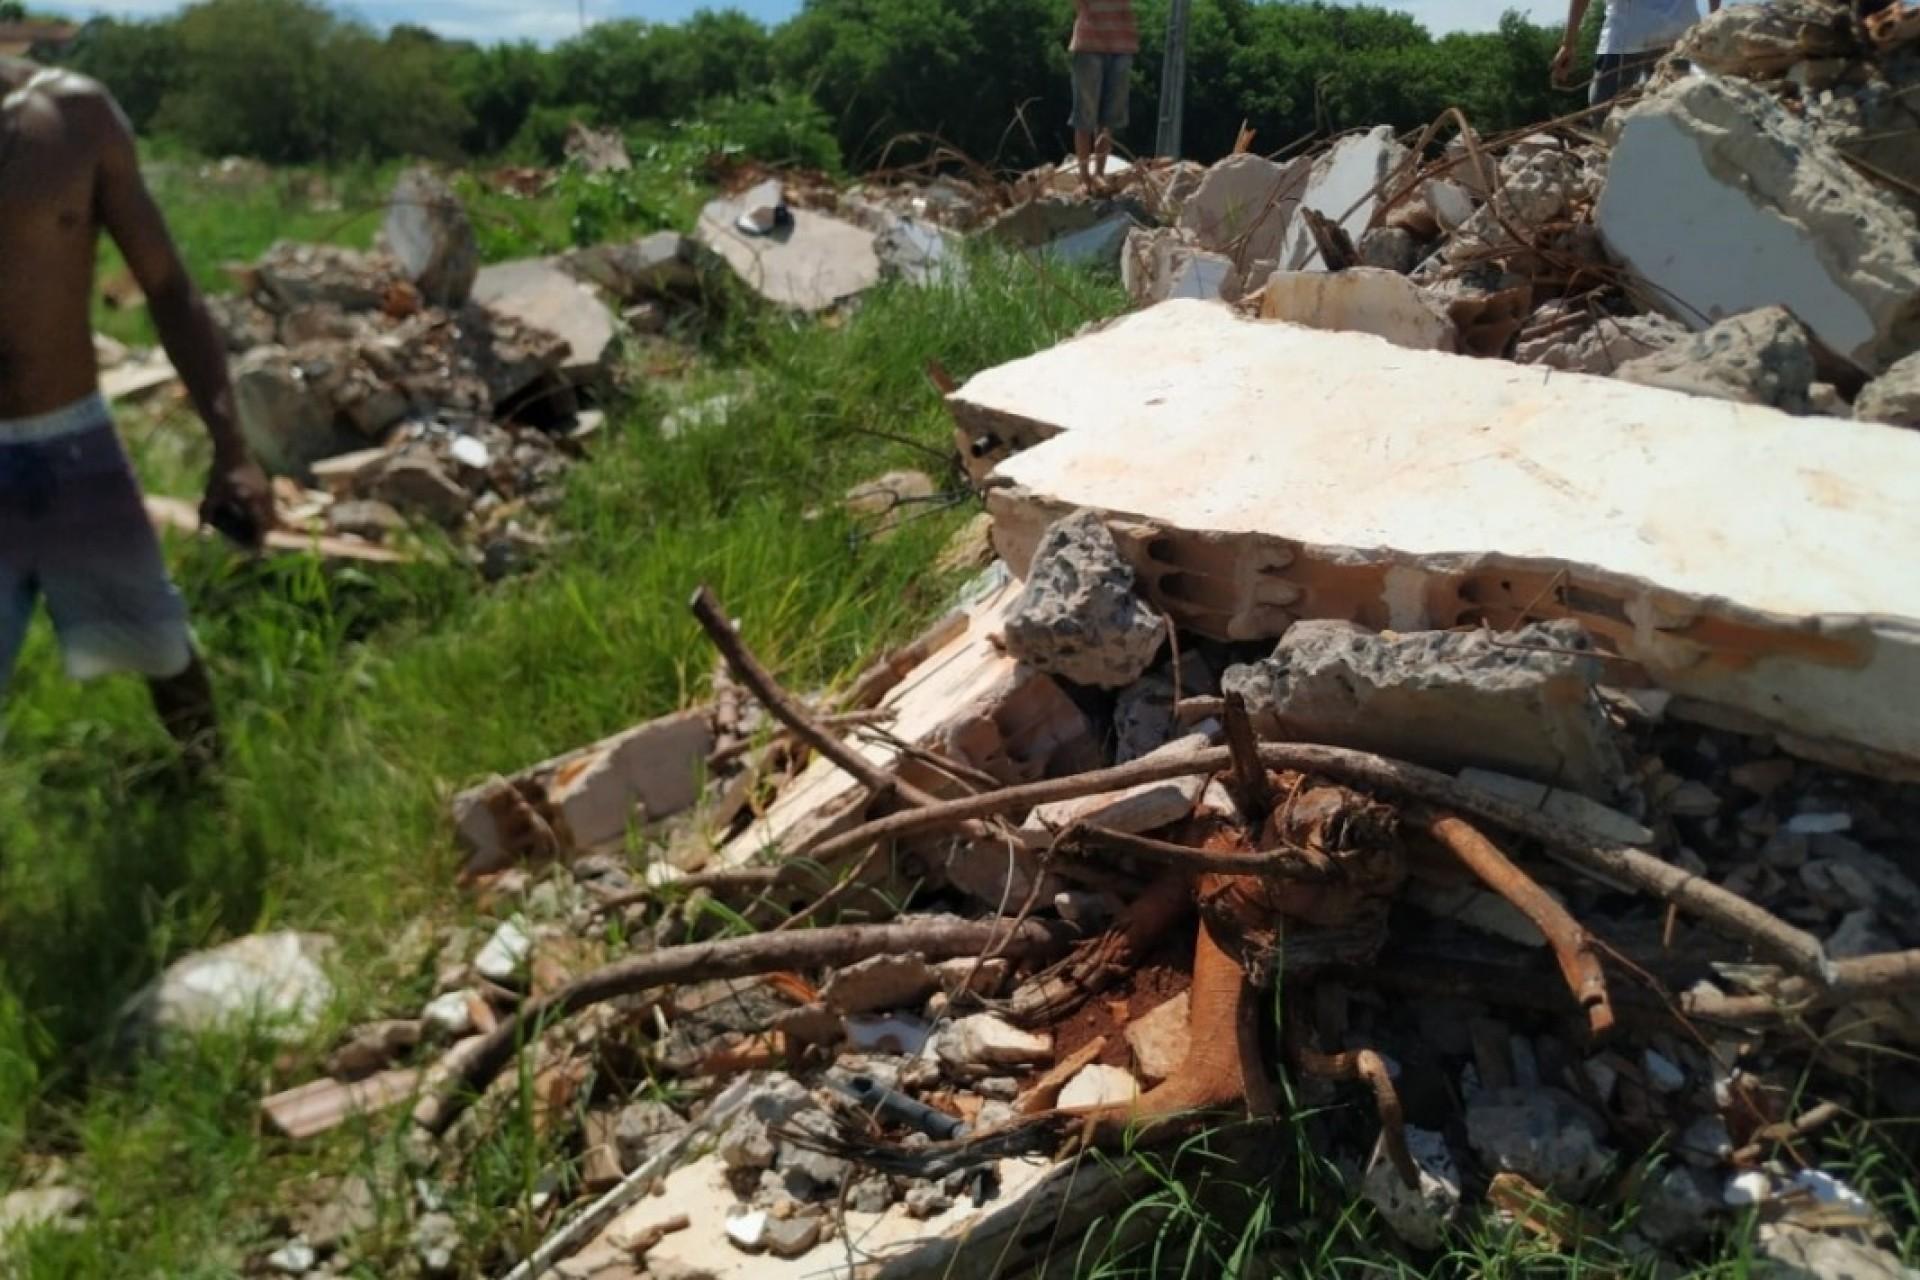 Corpo em estado avançado de decomposição é encontrado em São Miguel do Iguaçu